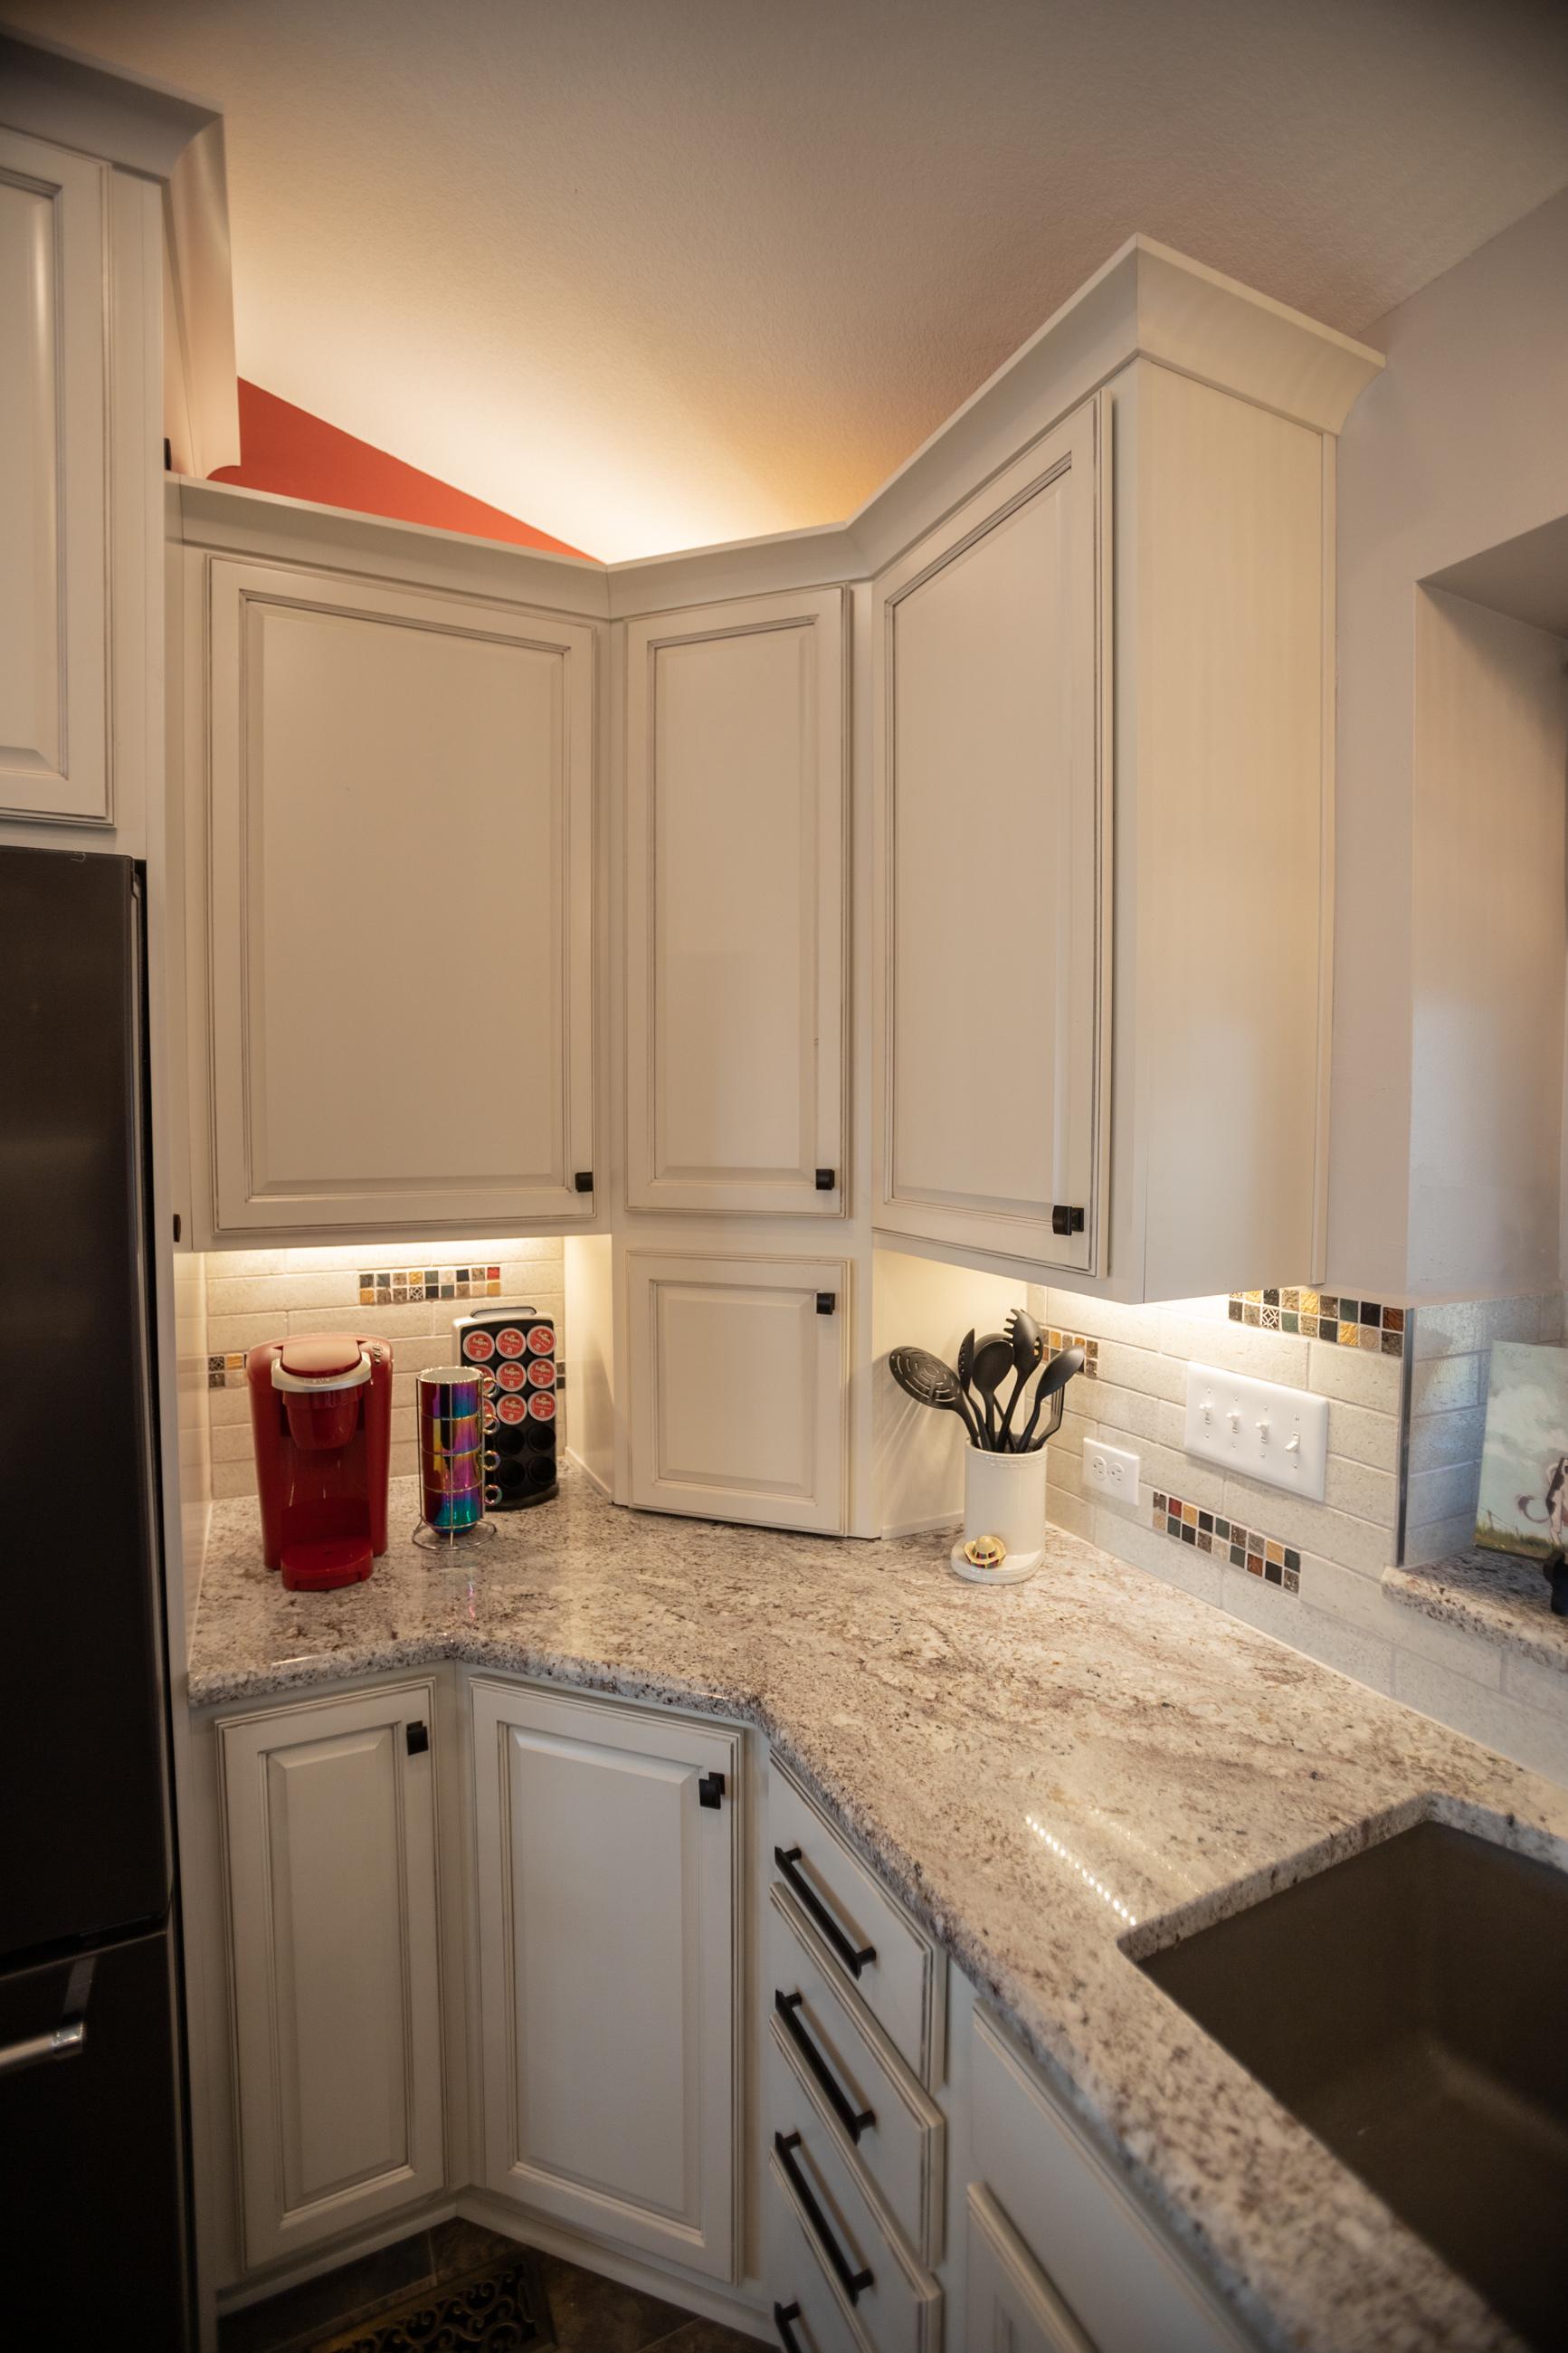 Kitchen Remodel white cabinets Haysville